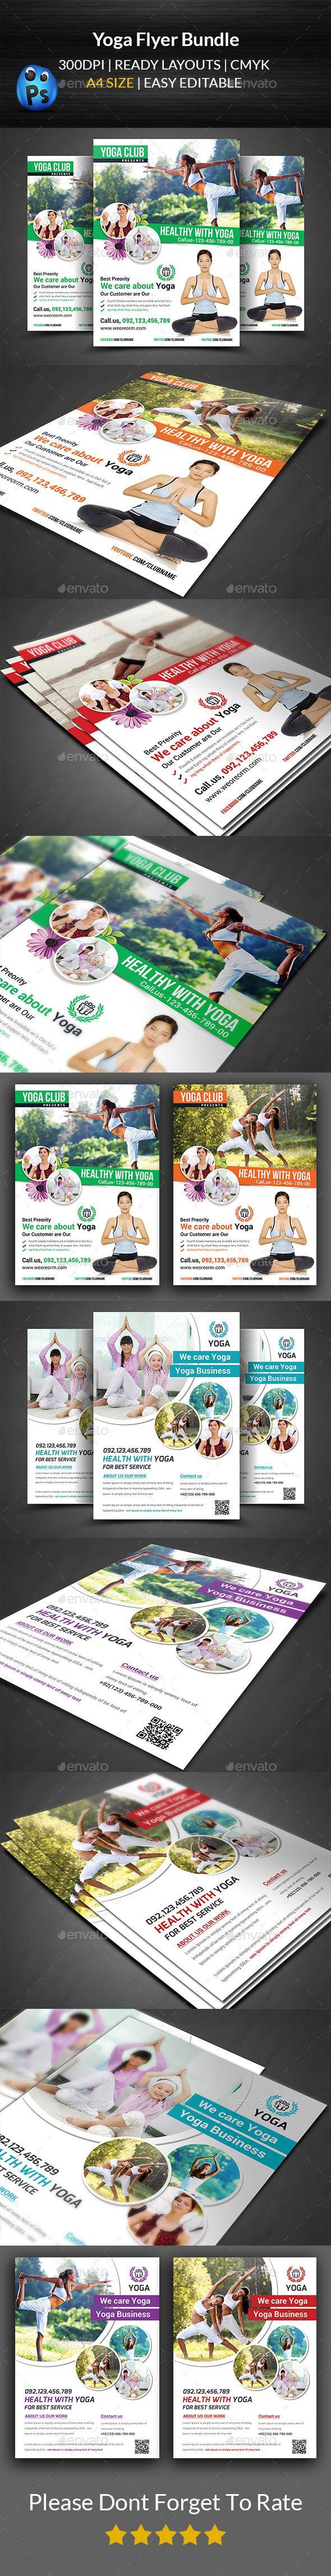 Yoga Flyer Template Bundle  - Flyers Print Templates